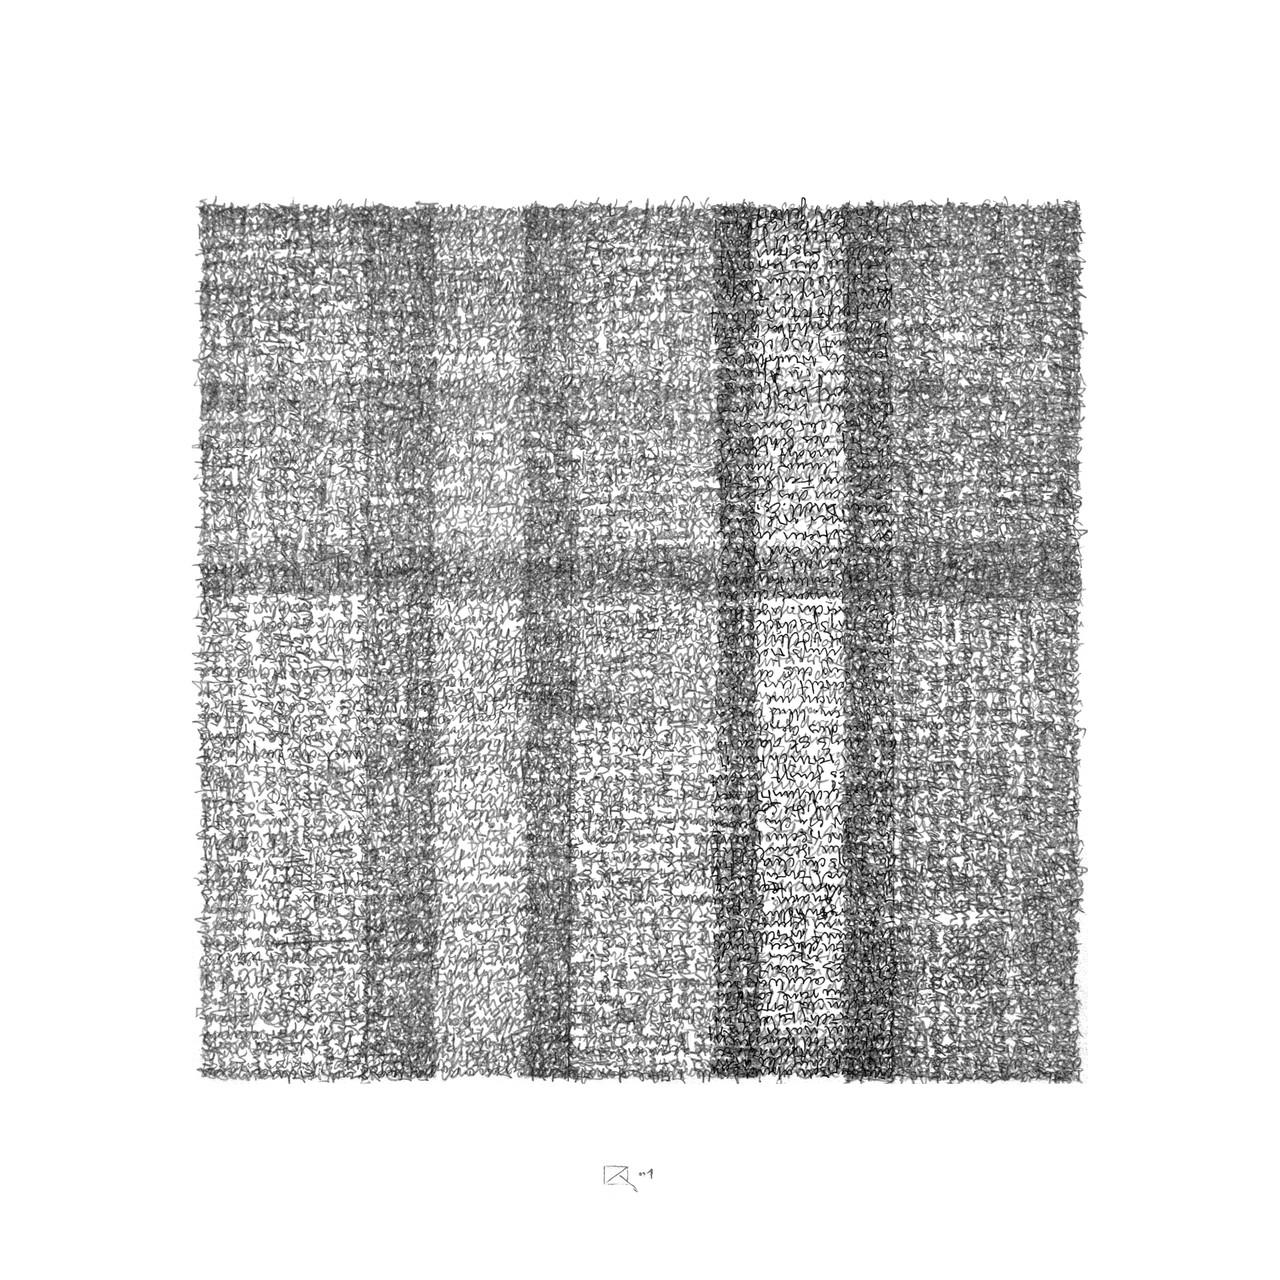 9/11 (Jean Baudrillard);  Tusche und Bleistift auf Bütten; Handschrift / Handwriting,  50 x 50 cm; 2002